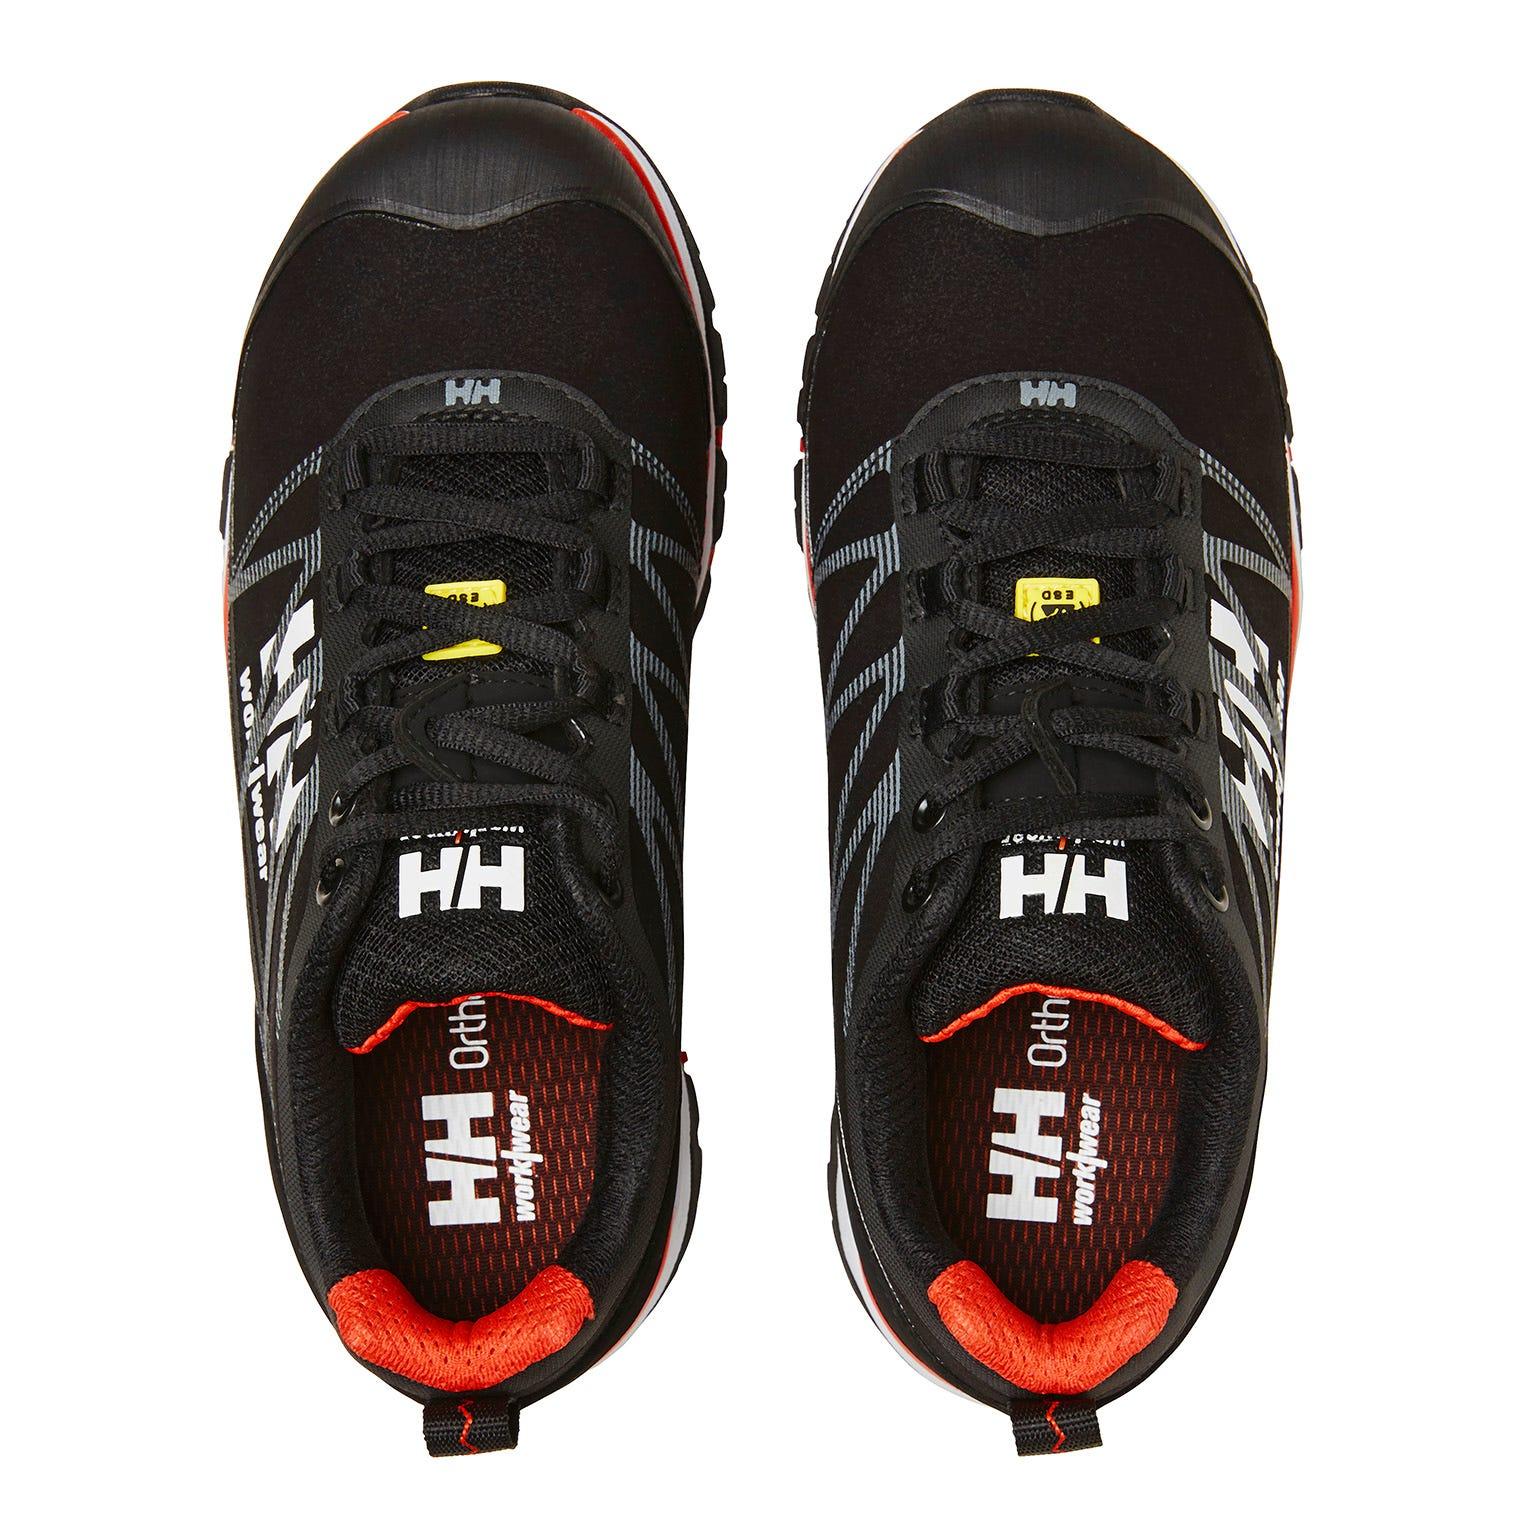 HH Workwear Workwear Helly Hansen Women's Luna Low S3 Safety Shoes 40 Nero